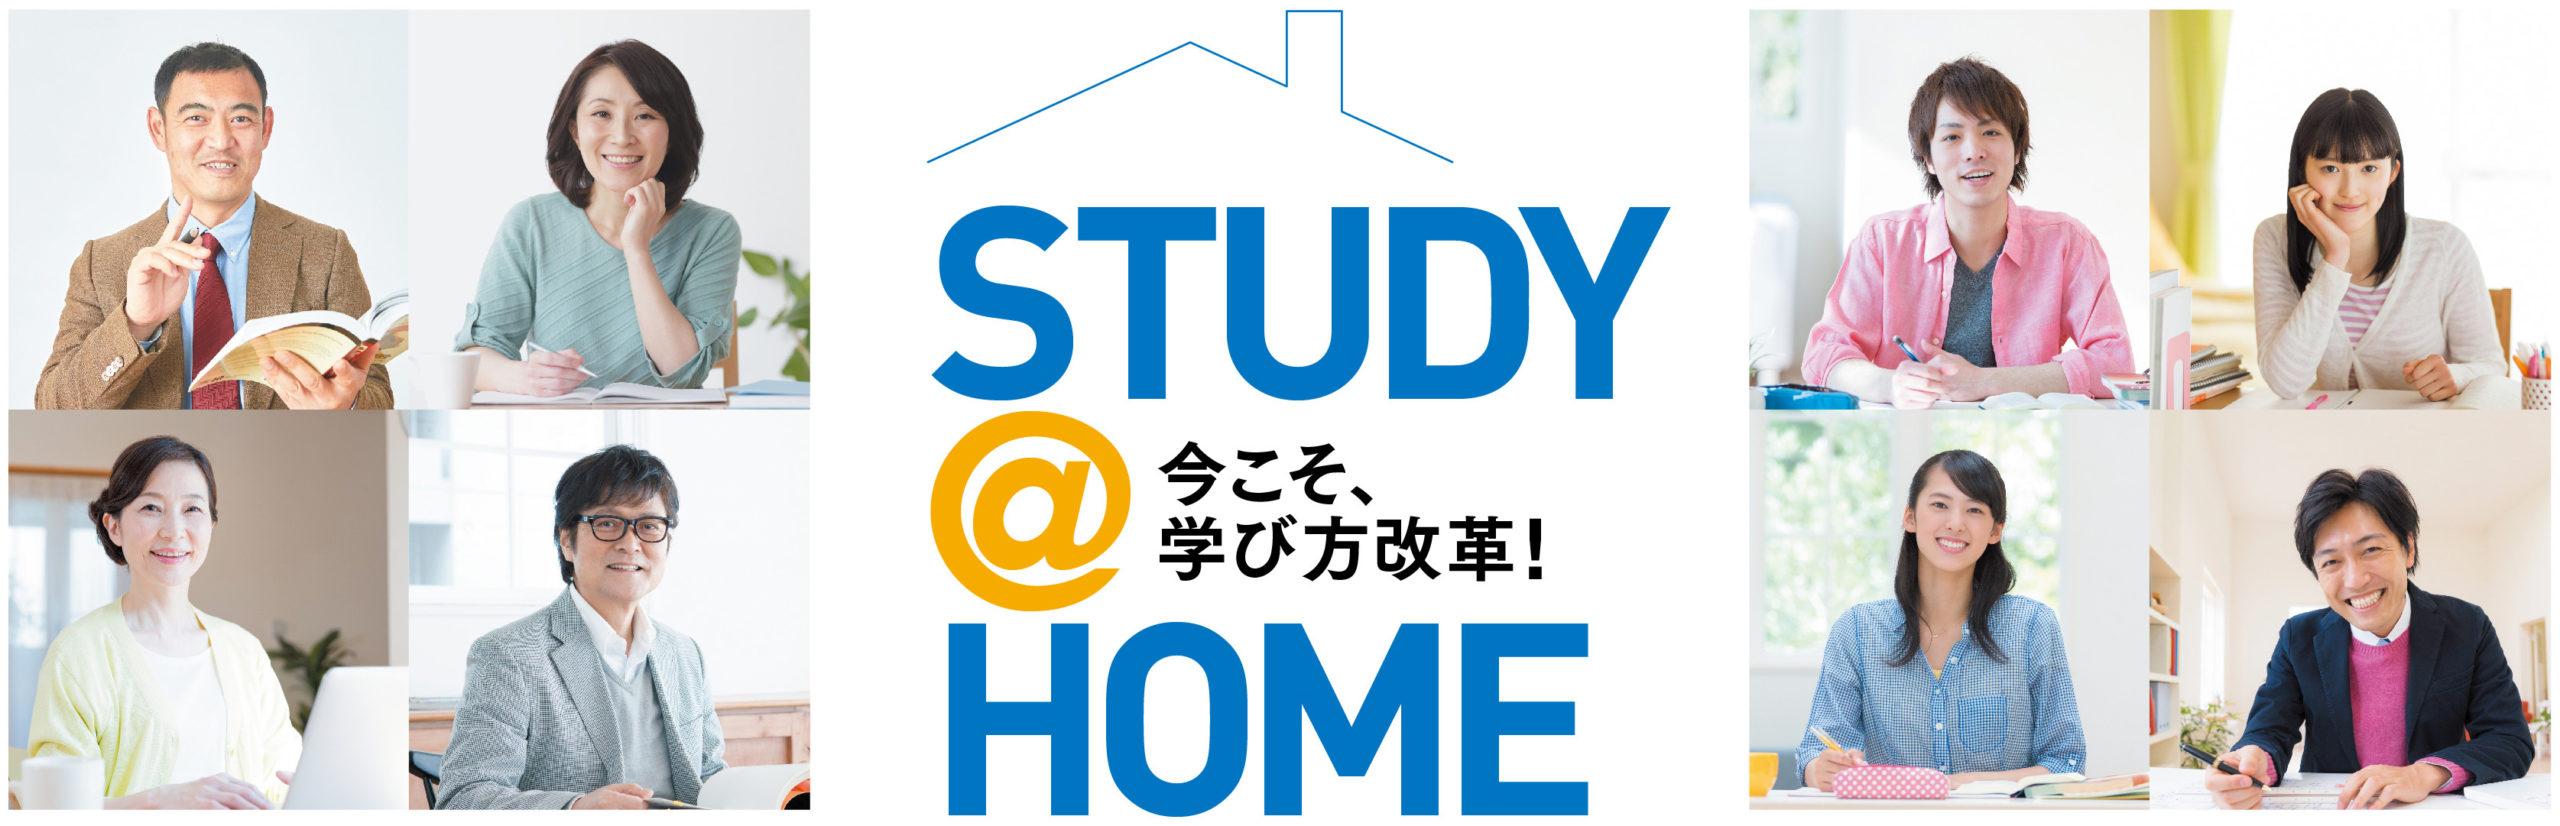 放送大学ウェブマガジン ON AIR WEB